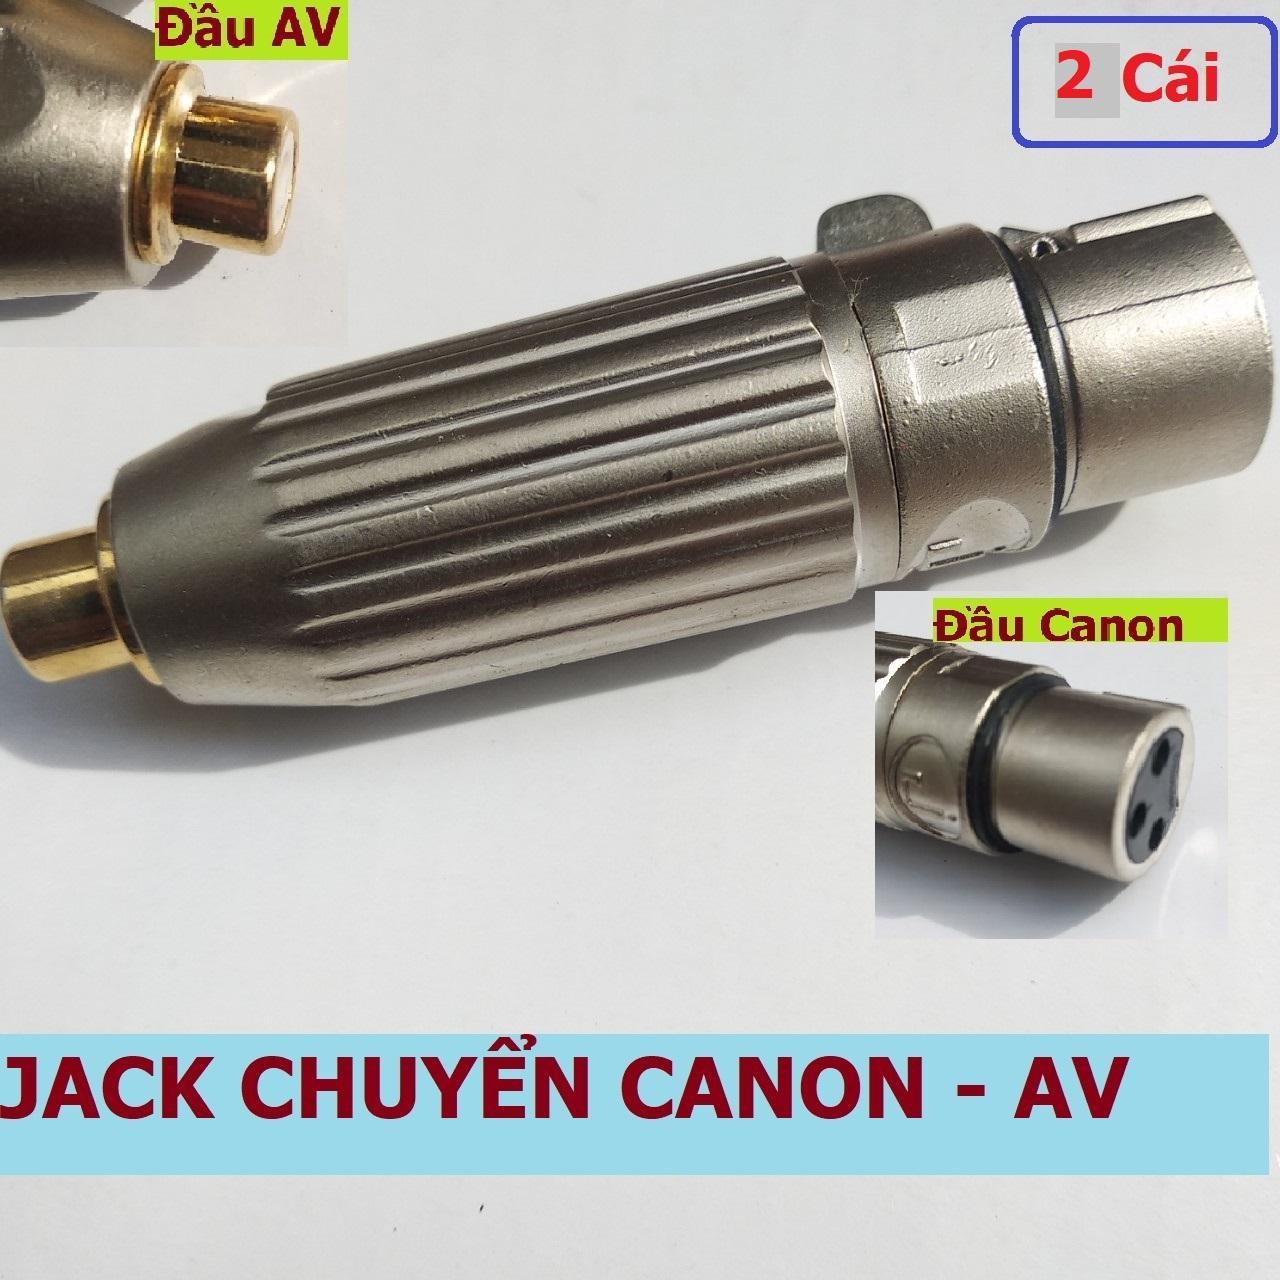 Jack chuyển Canon ra AV (Bông sen) hiệu chữ J thân hợp kim mạ niken, đầu AV mạ 24K (có...